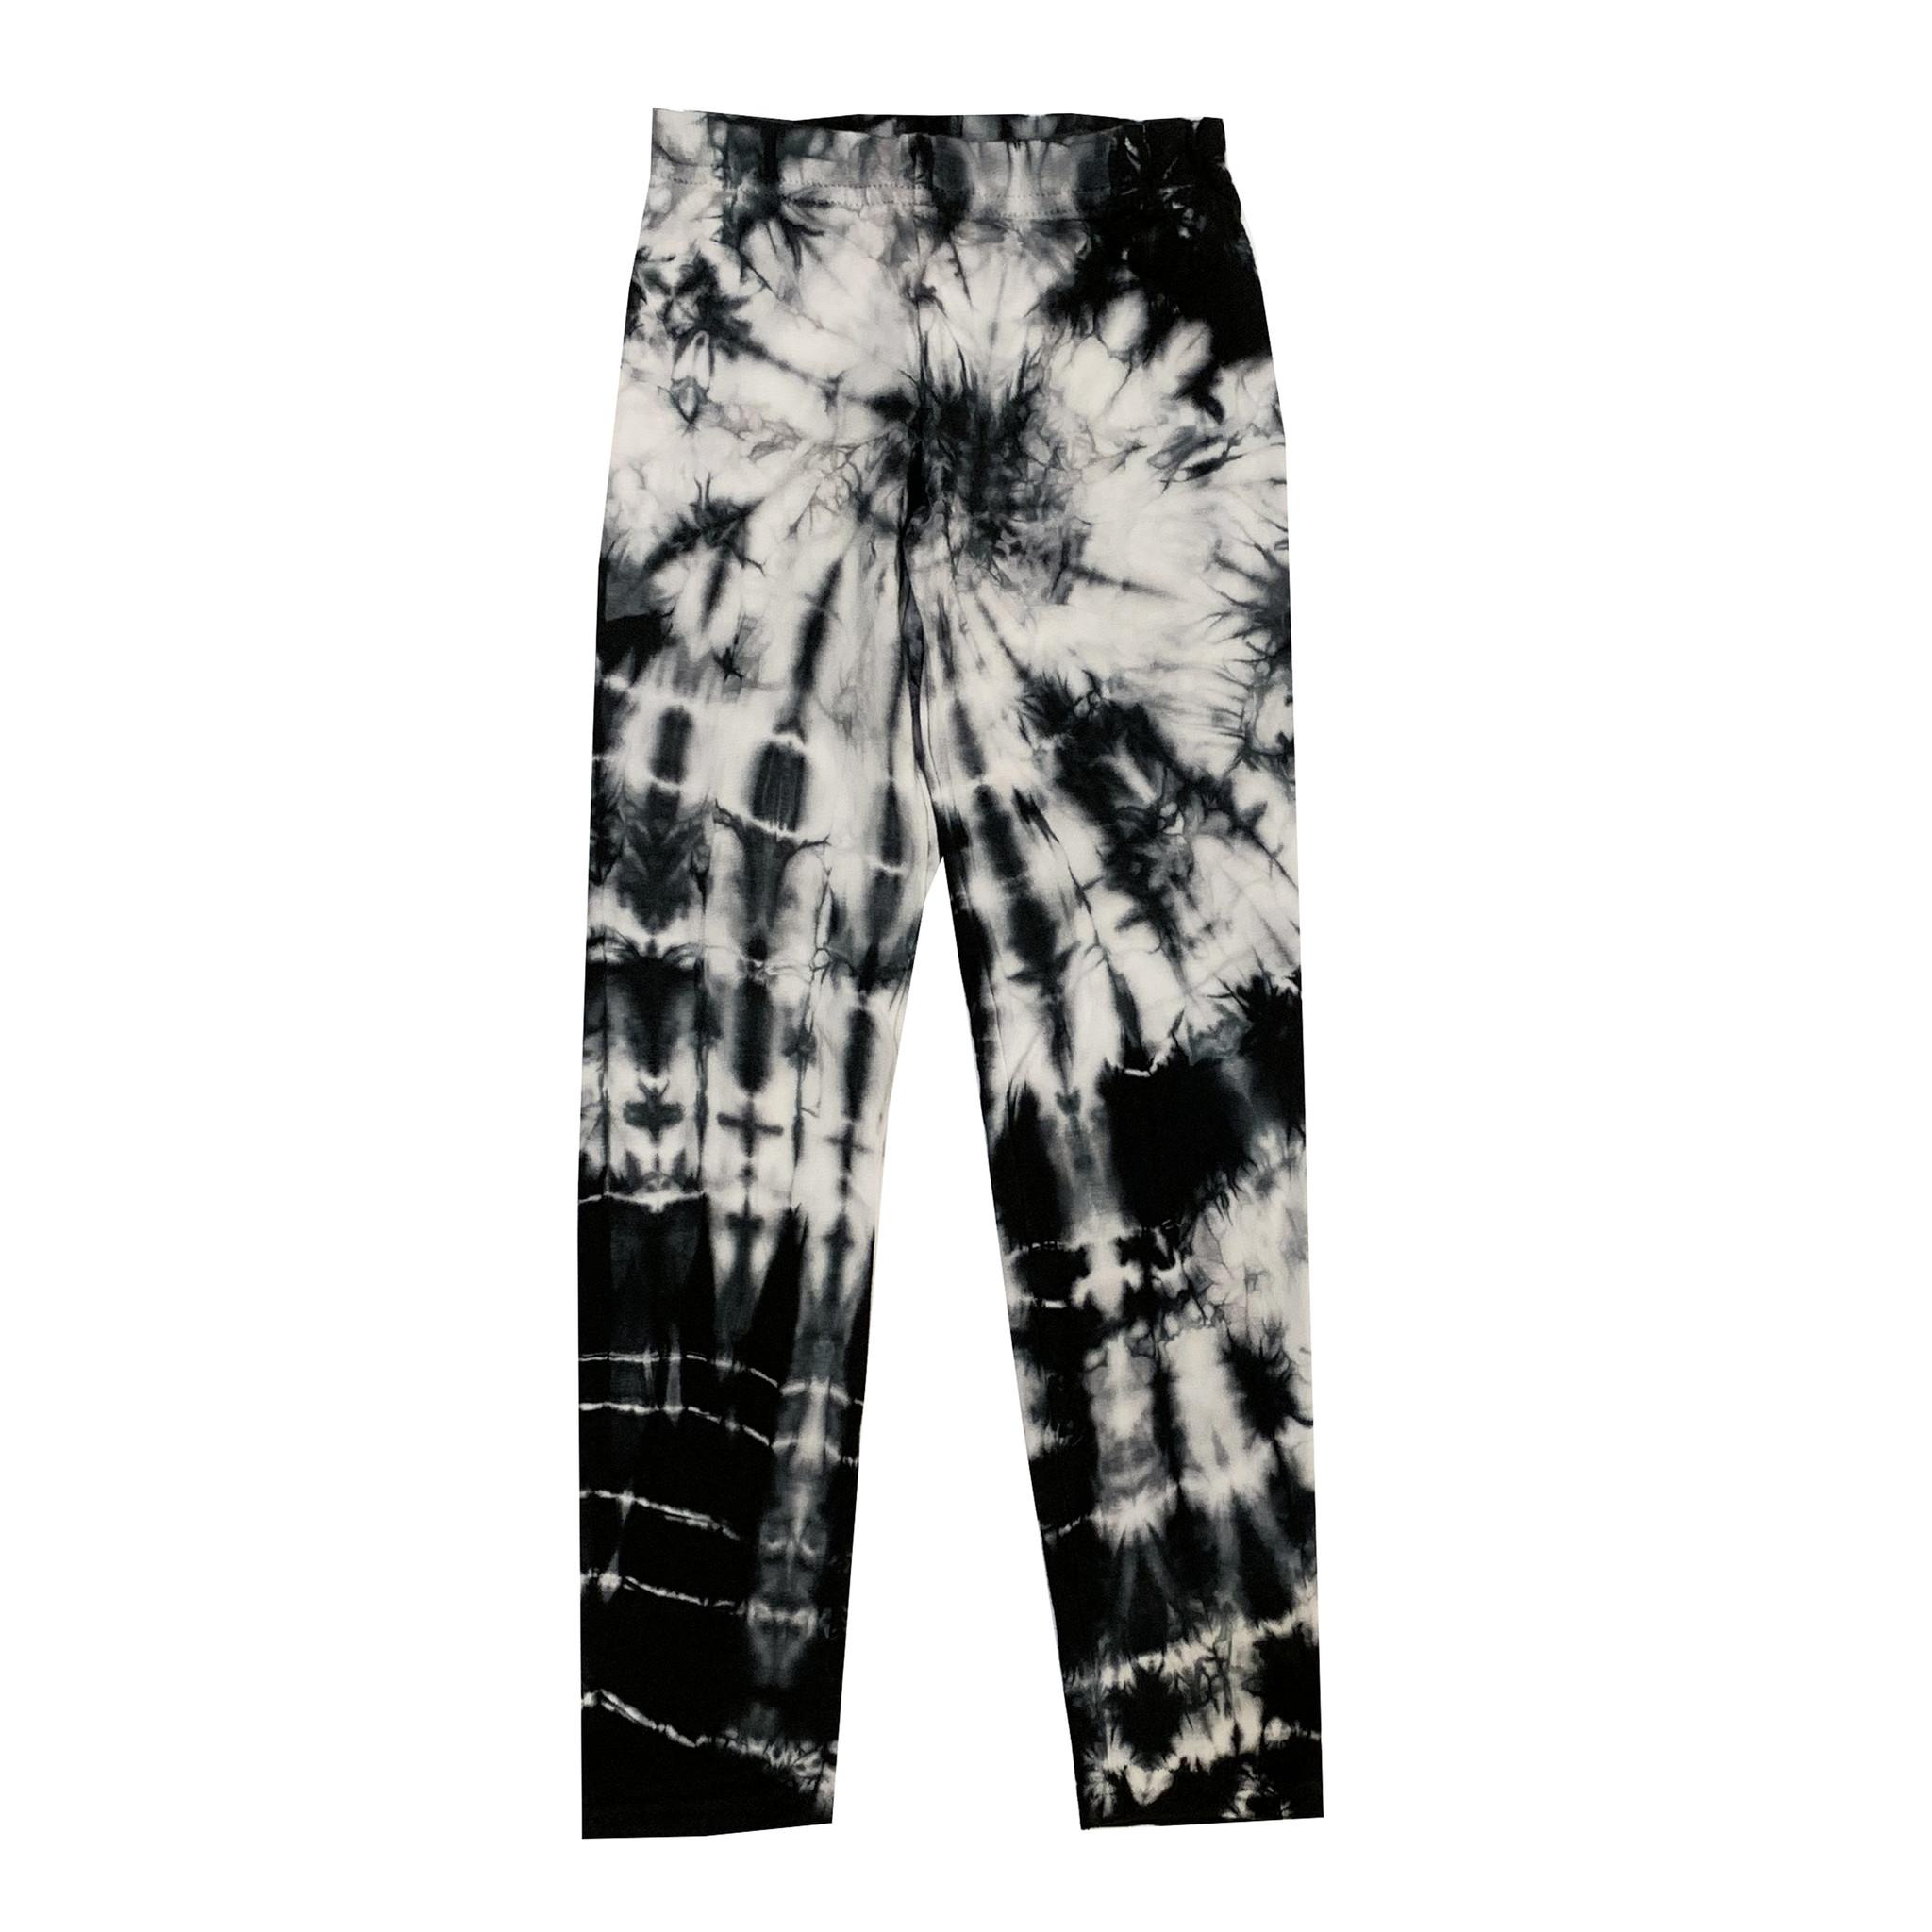 Firehouse Black & White Tie Dye Leggings